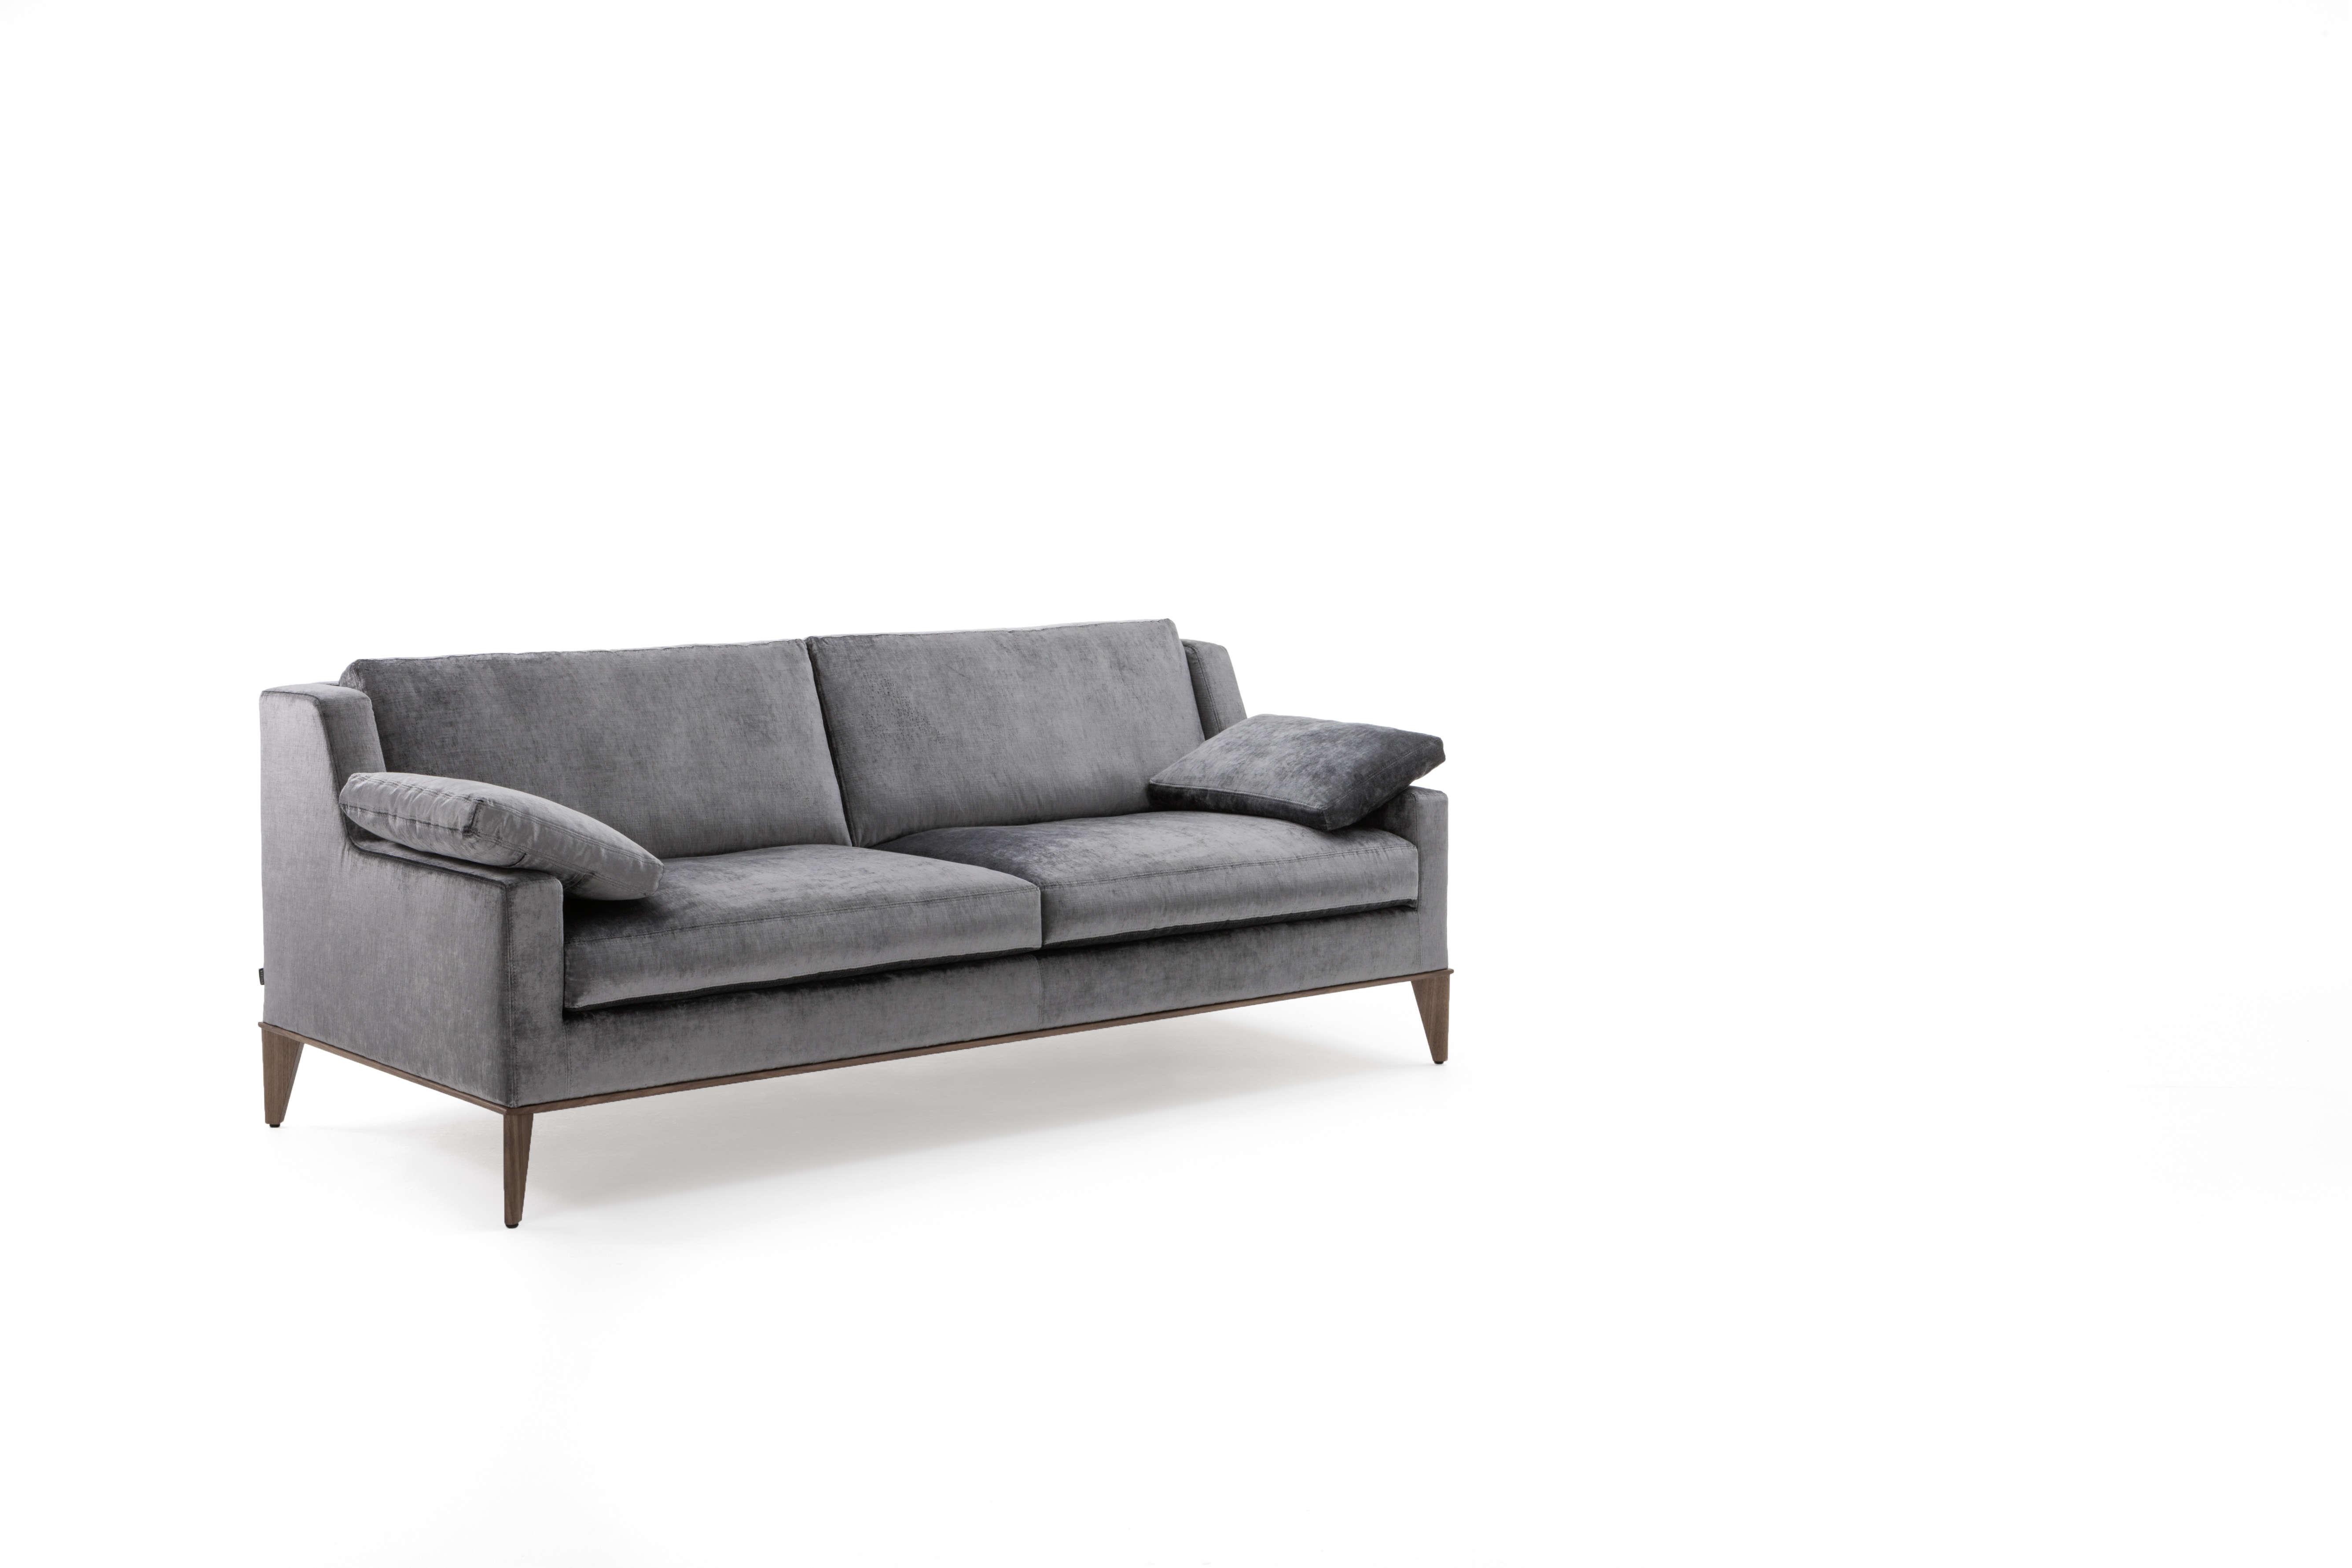 Nordisch inspirierend sofa skagen von werther for Sofa nordisch